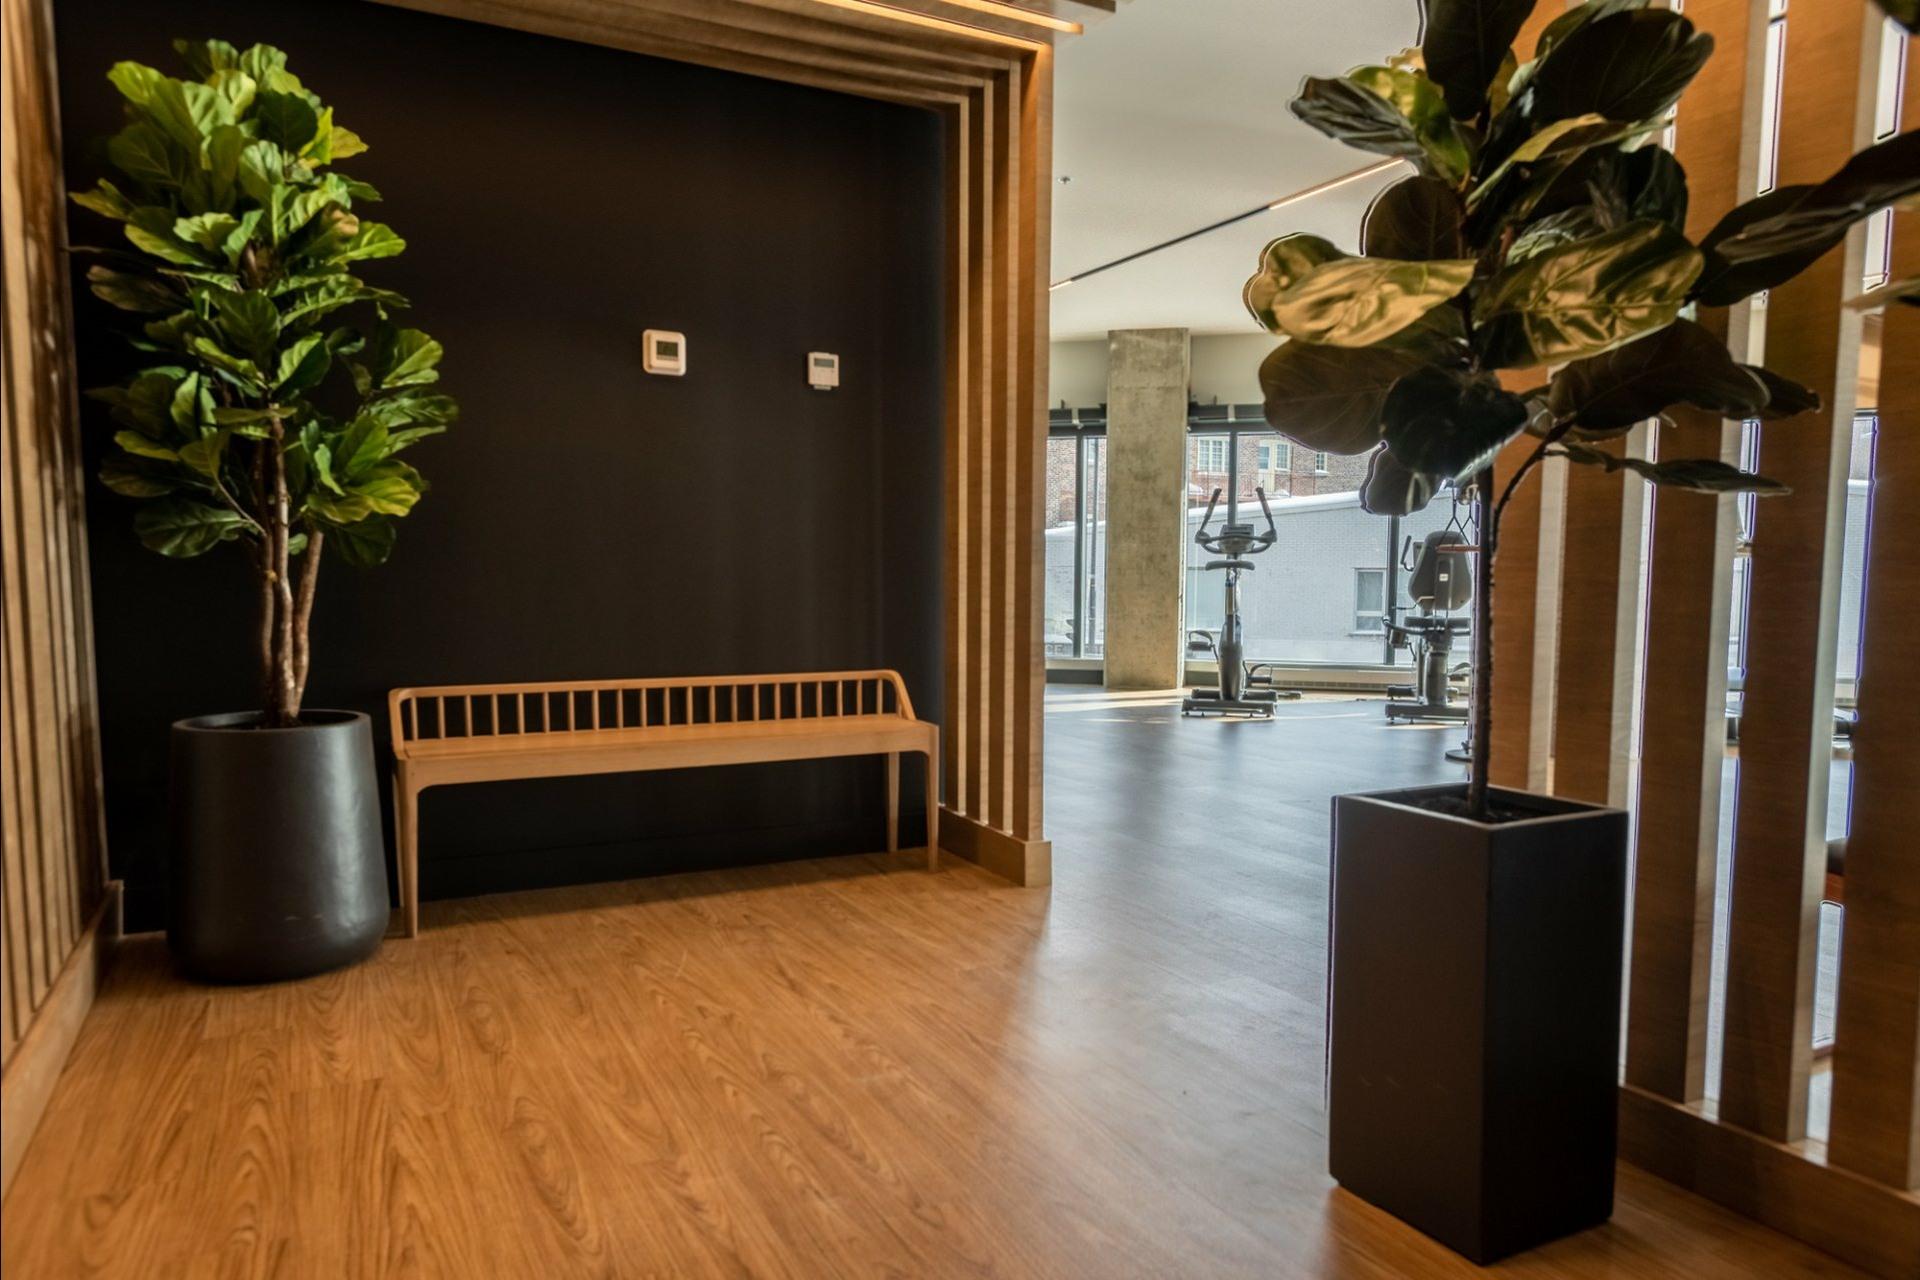 image 30 - Appartement À louer Côte-des-Neiges/Notre-Dame-de-Grâce Montréal  - 5 pièces